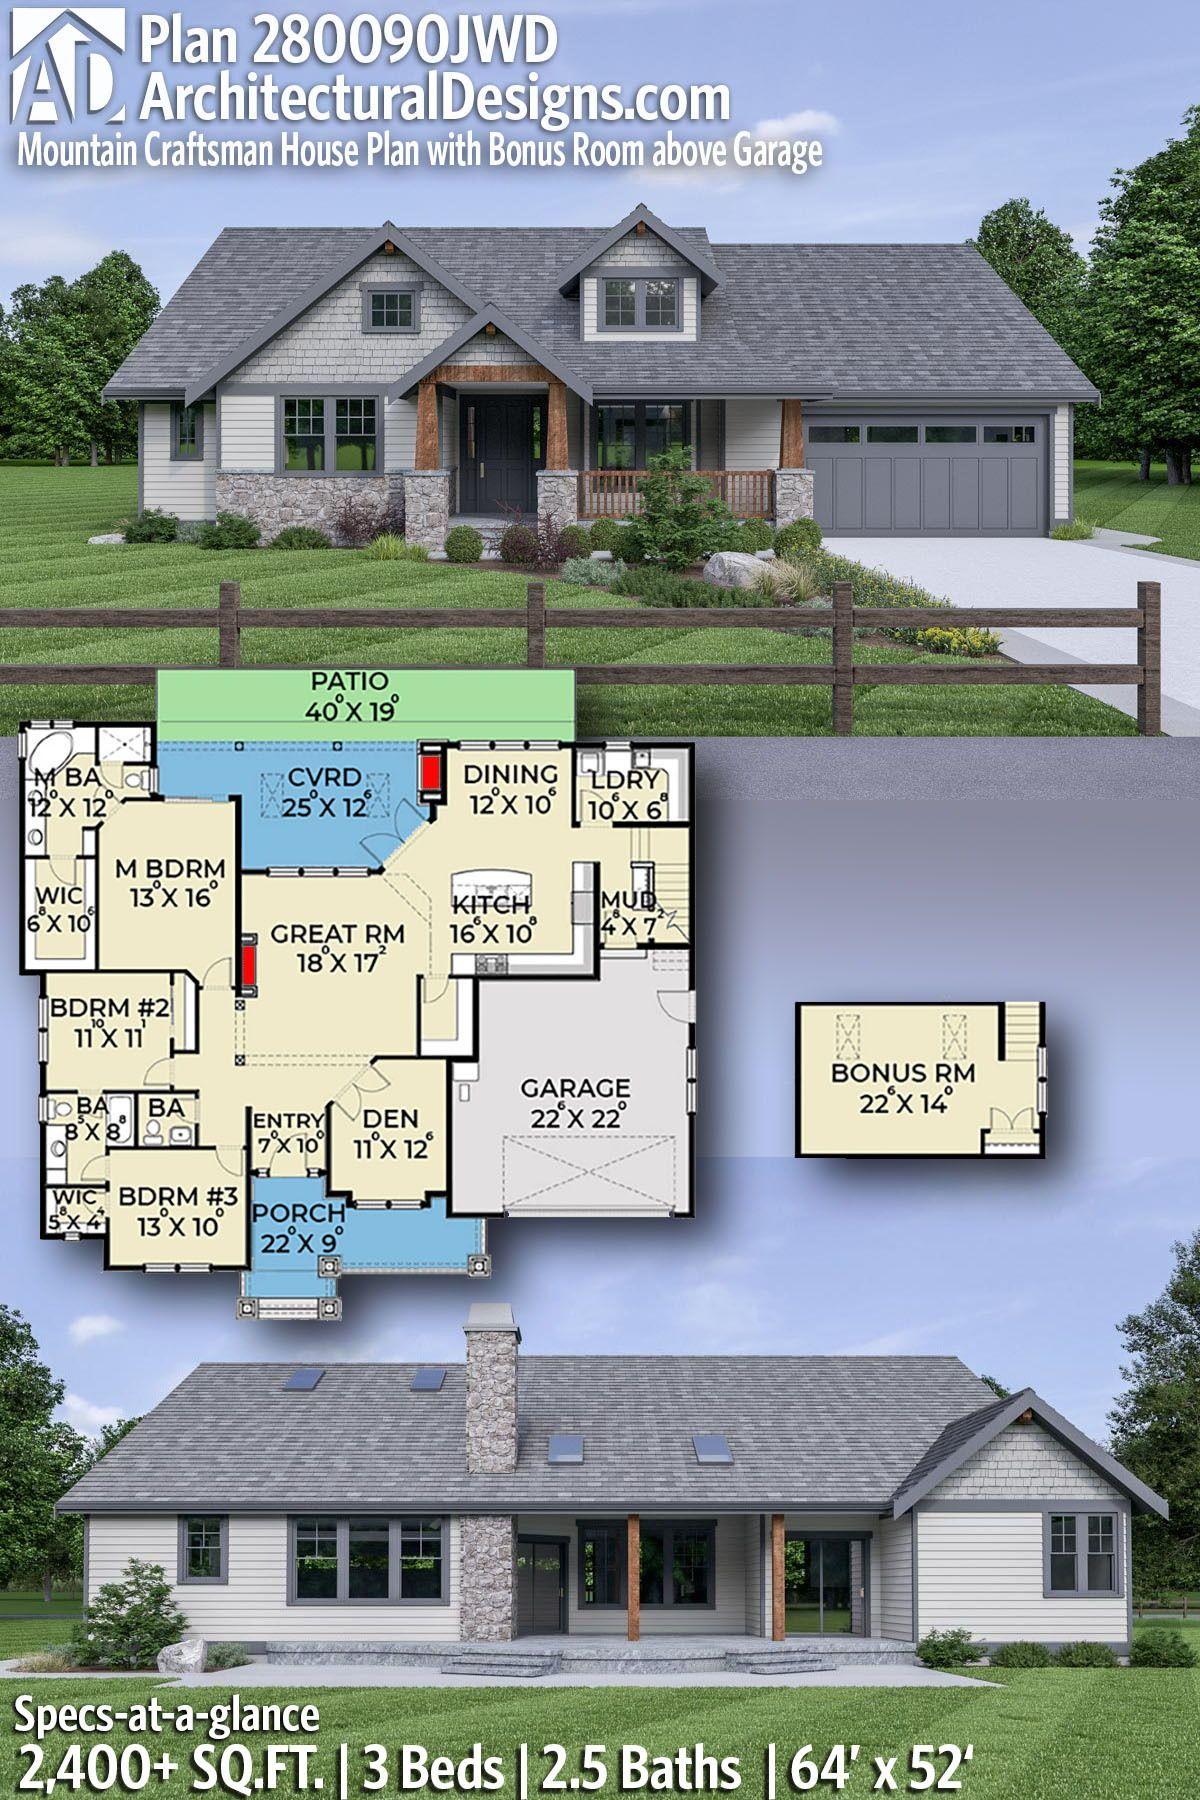 Plan 280090jwd Mountain Craftsman House Plan With Bonus Room Above Garage In 2020 Craftsman House Plan Craftsman House Rustic House Plans